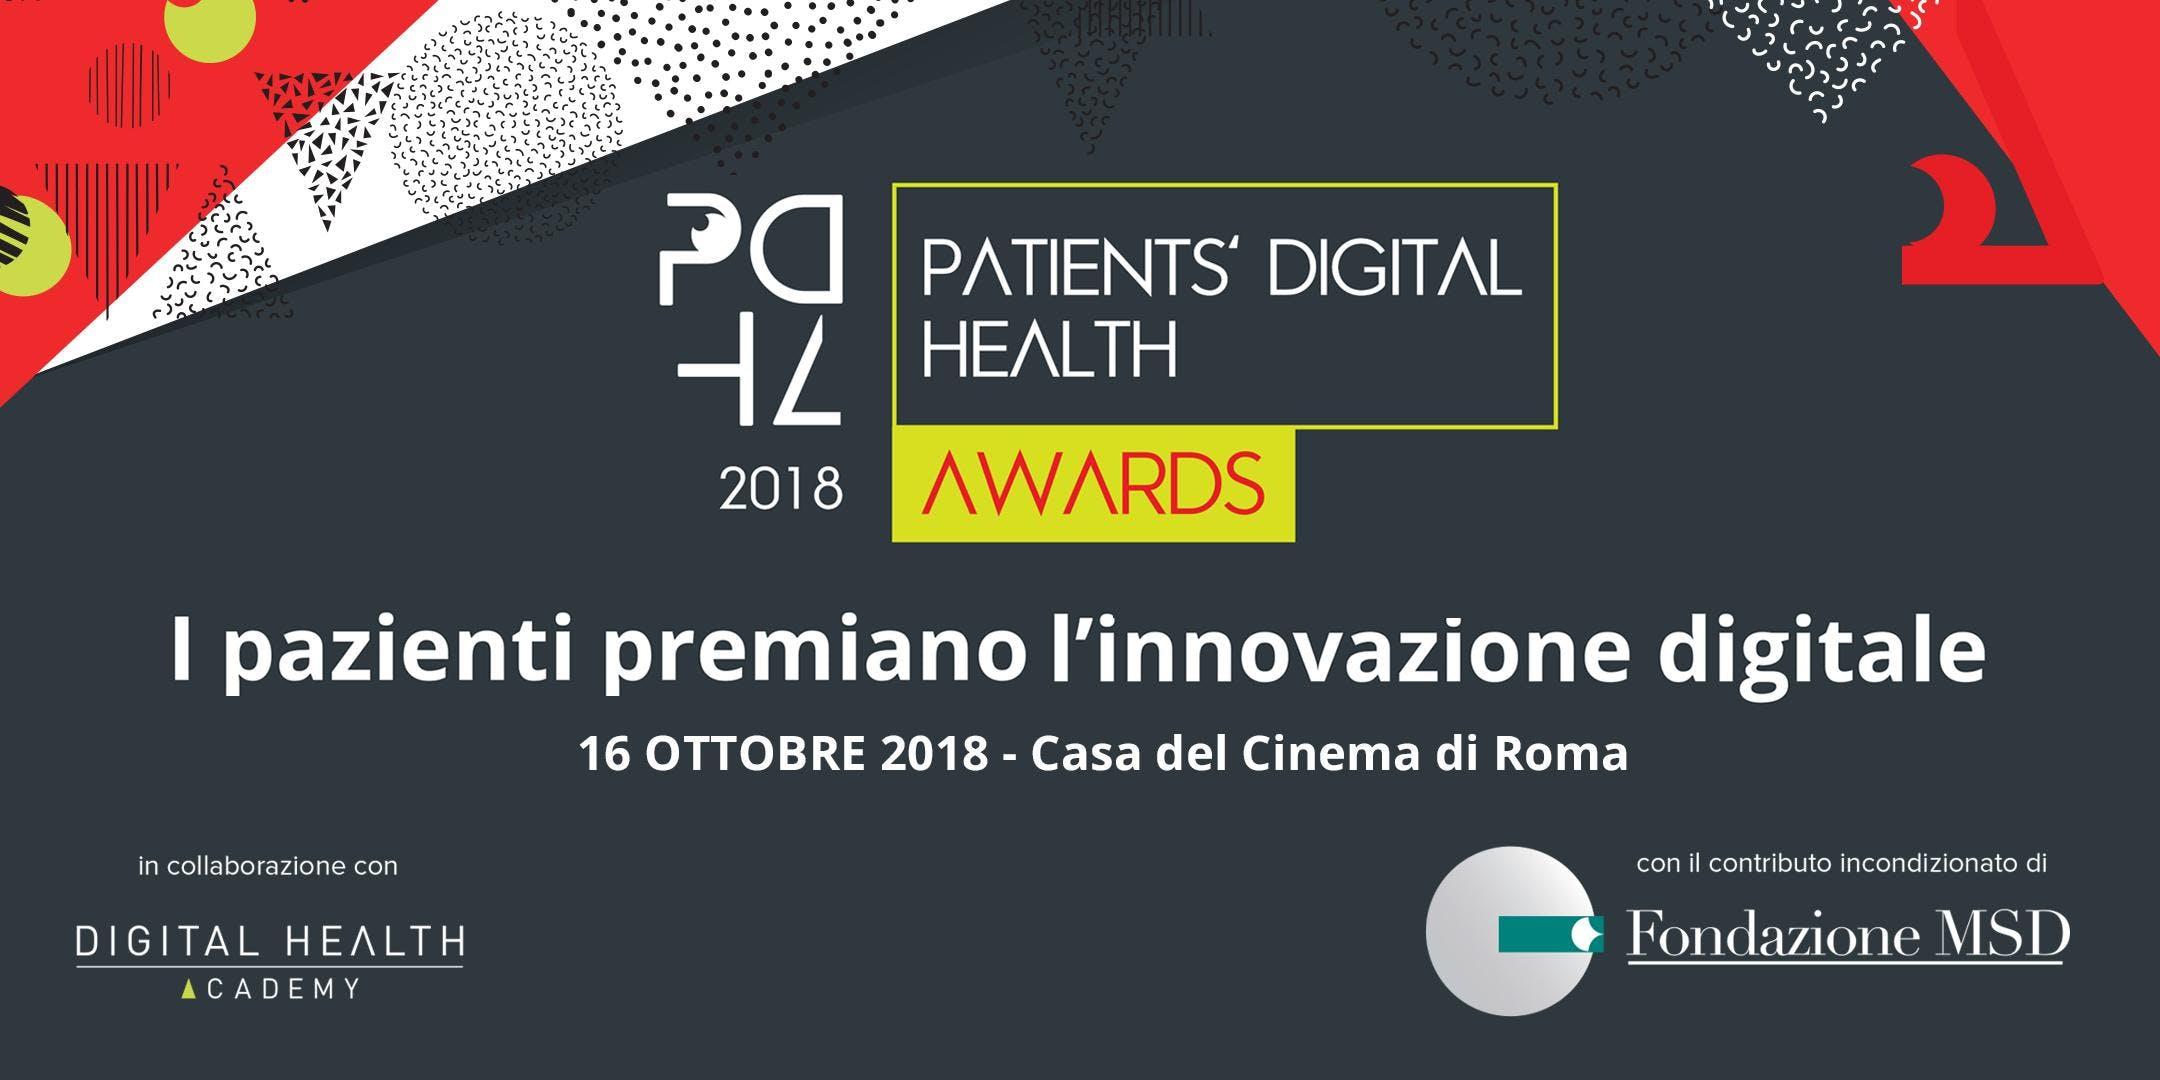 Patients' Digital Health Awards 2018 - Evento di Premiazione